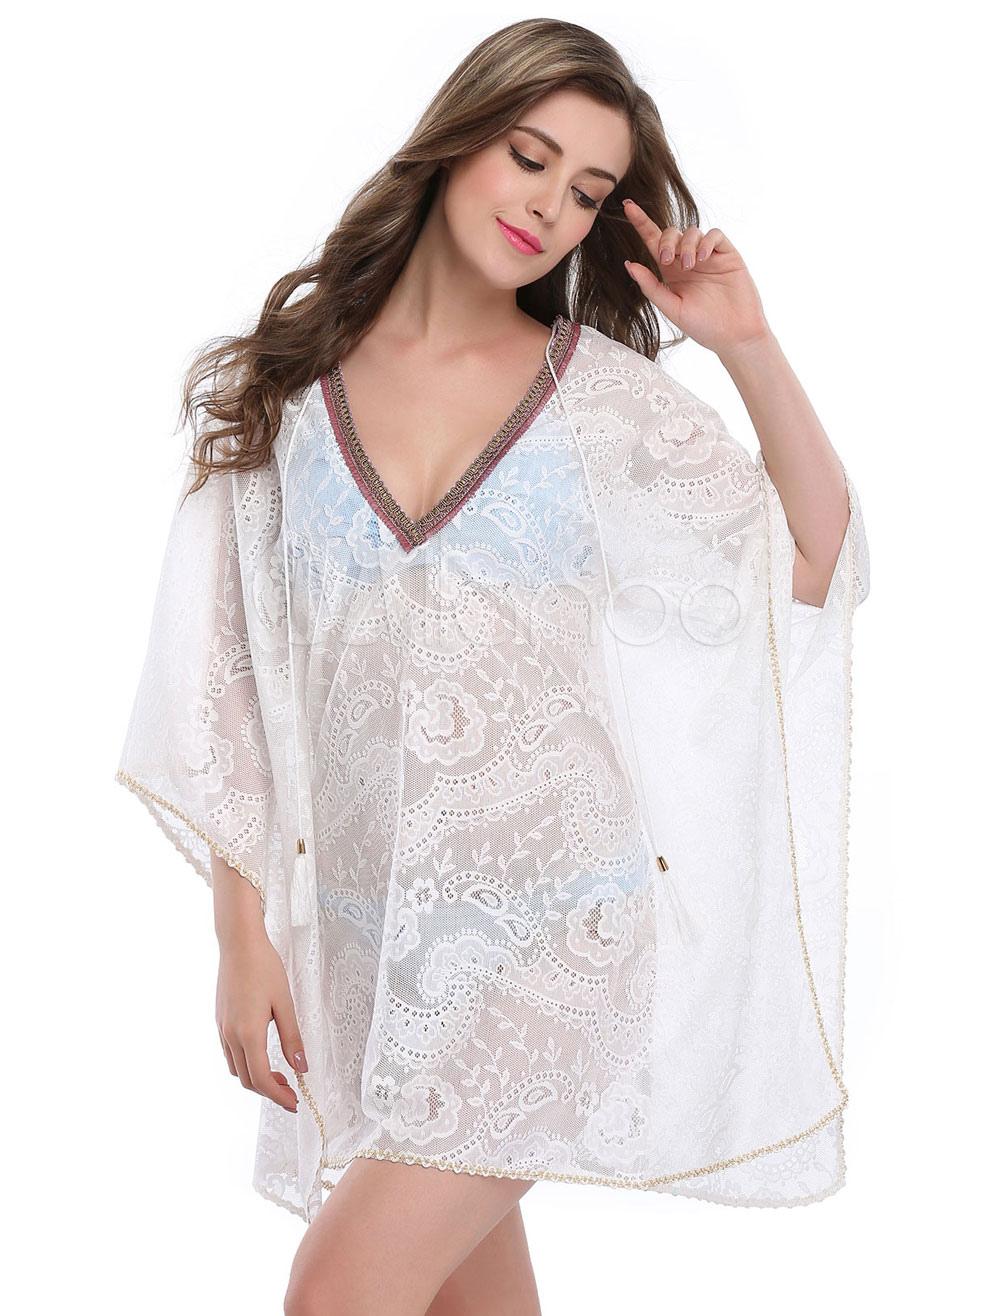 Buy Chiffon Cover Ups White V Neck Long Sleeve Beachwear For Women for $18.89 in Milanoo store